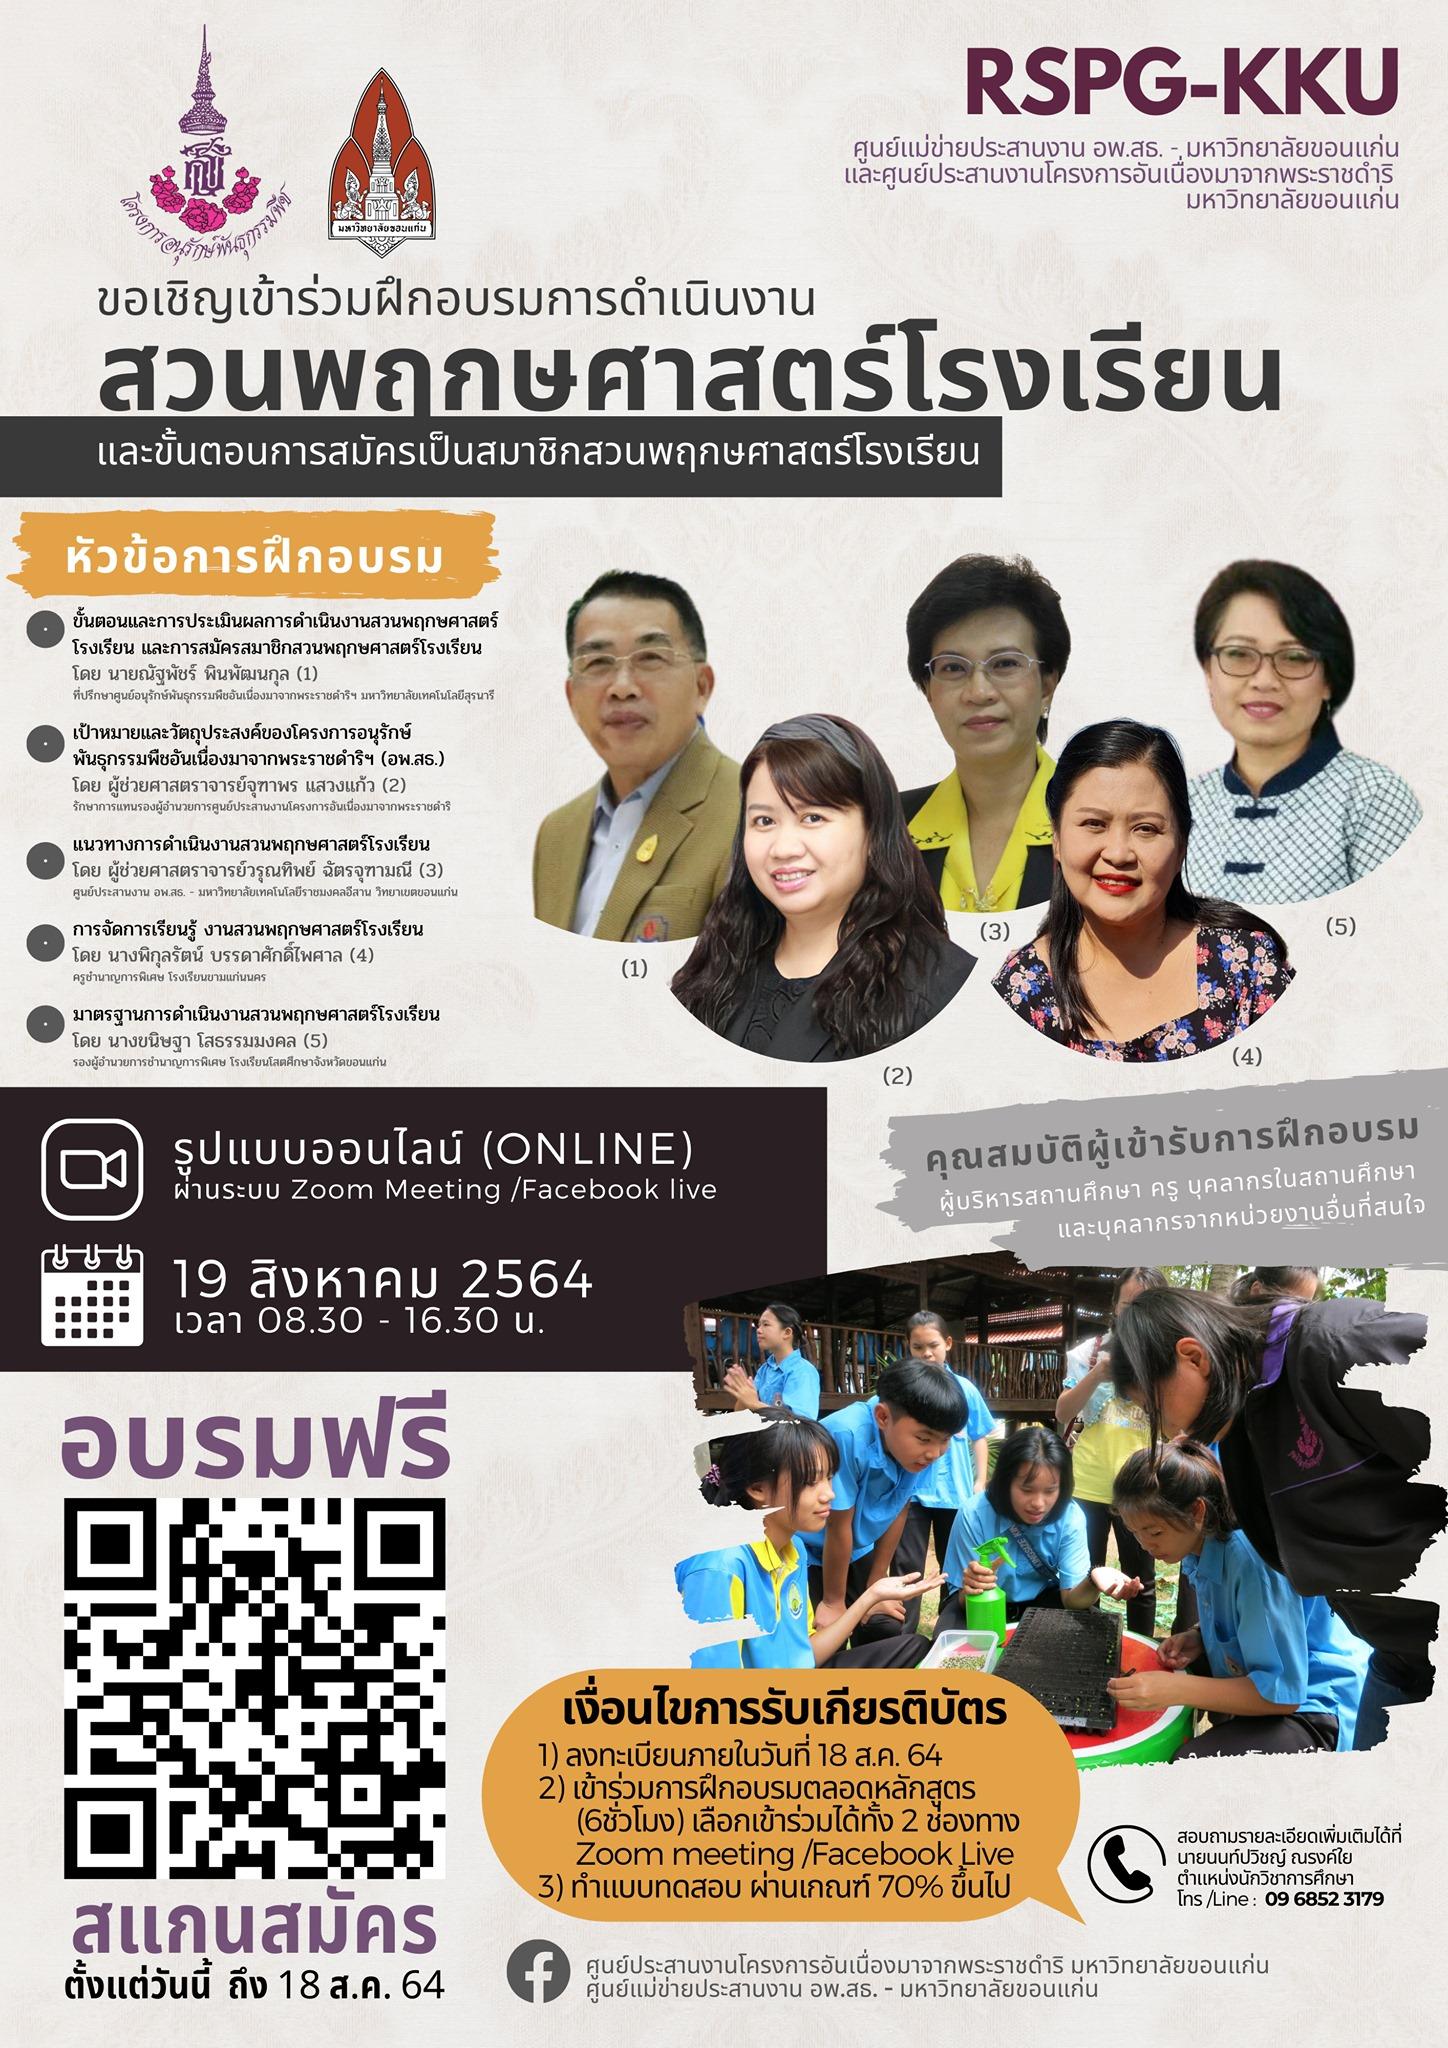 ครด่วน!! อบรมออนไลน์ฟรี โครงการสวนพฤกษศาสตร์โรงเรียน พร้อมรับเกียรติบัตร โดยมหาวิทยาลัยขอนแก่น ลงทะเบียนภายในวันที่ 18 ส.ค. 64 อบรมวันที่ 19 สิงหาคม พ.ศ.2564